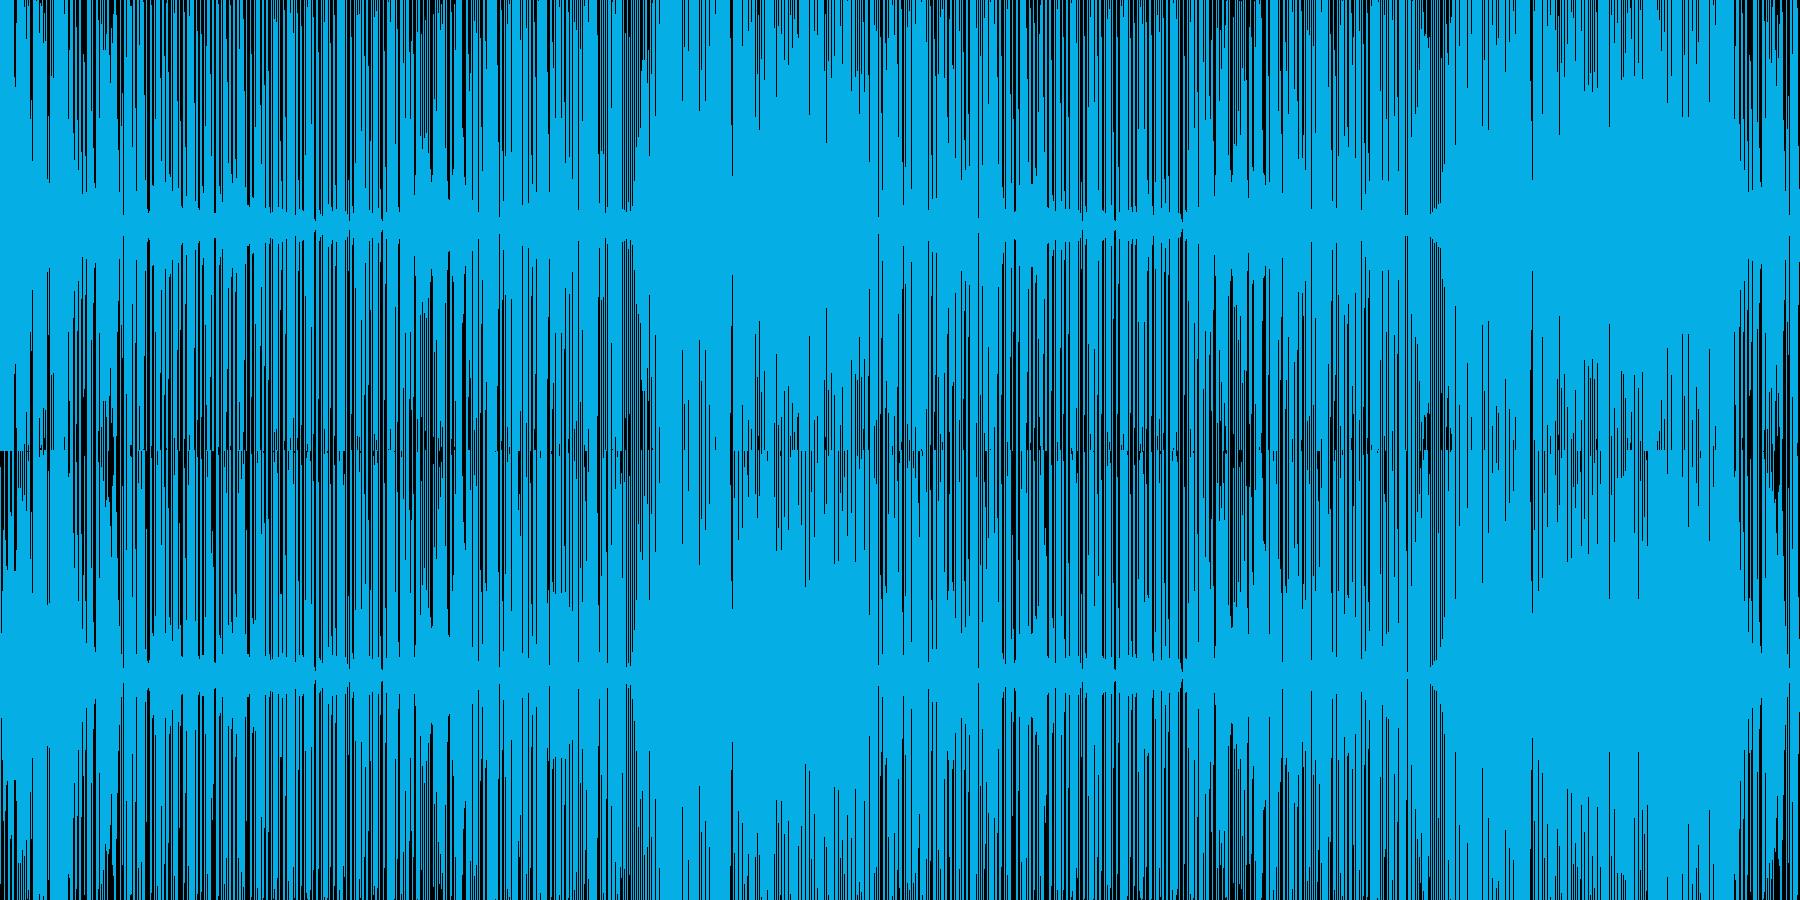 思わず踊ってしまう SynthMusicの再生済みの波形